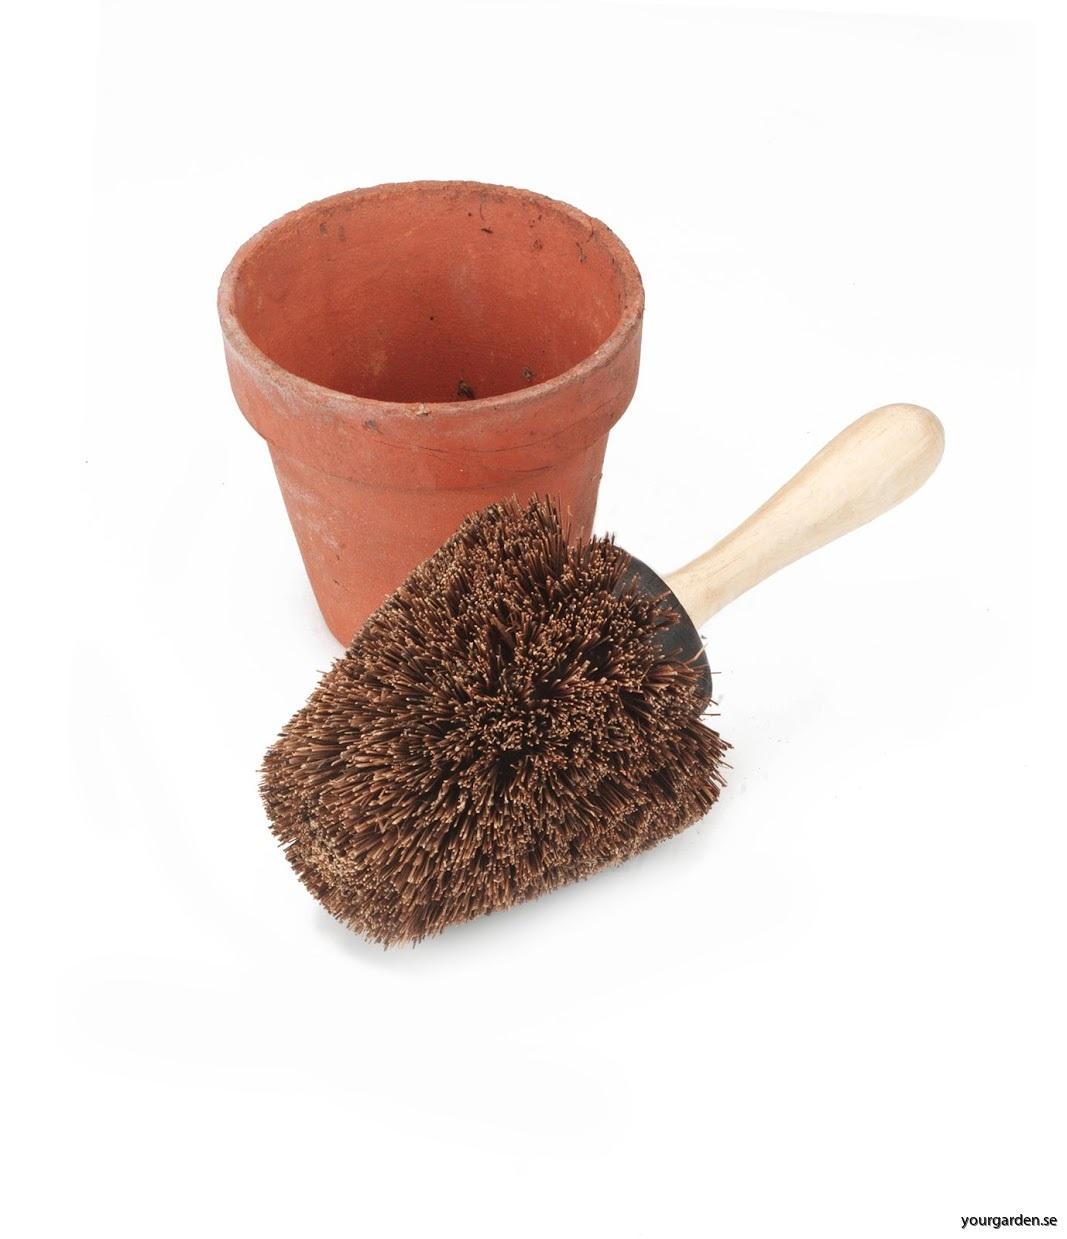 Pot brush with Pot Hi res